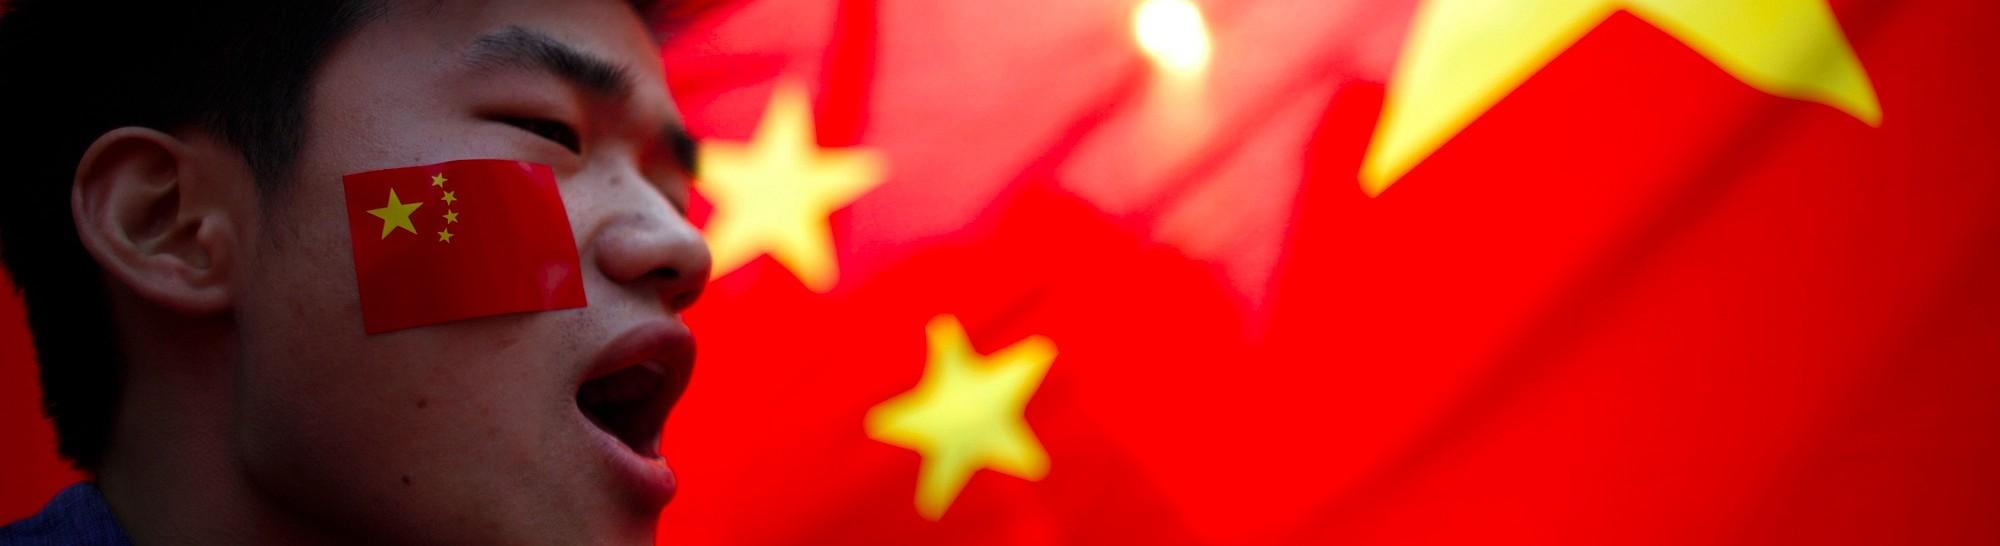 Китайская народная валютная война